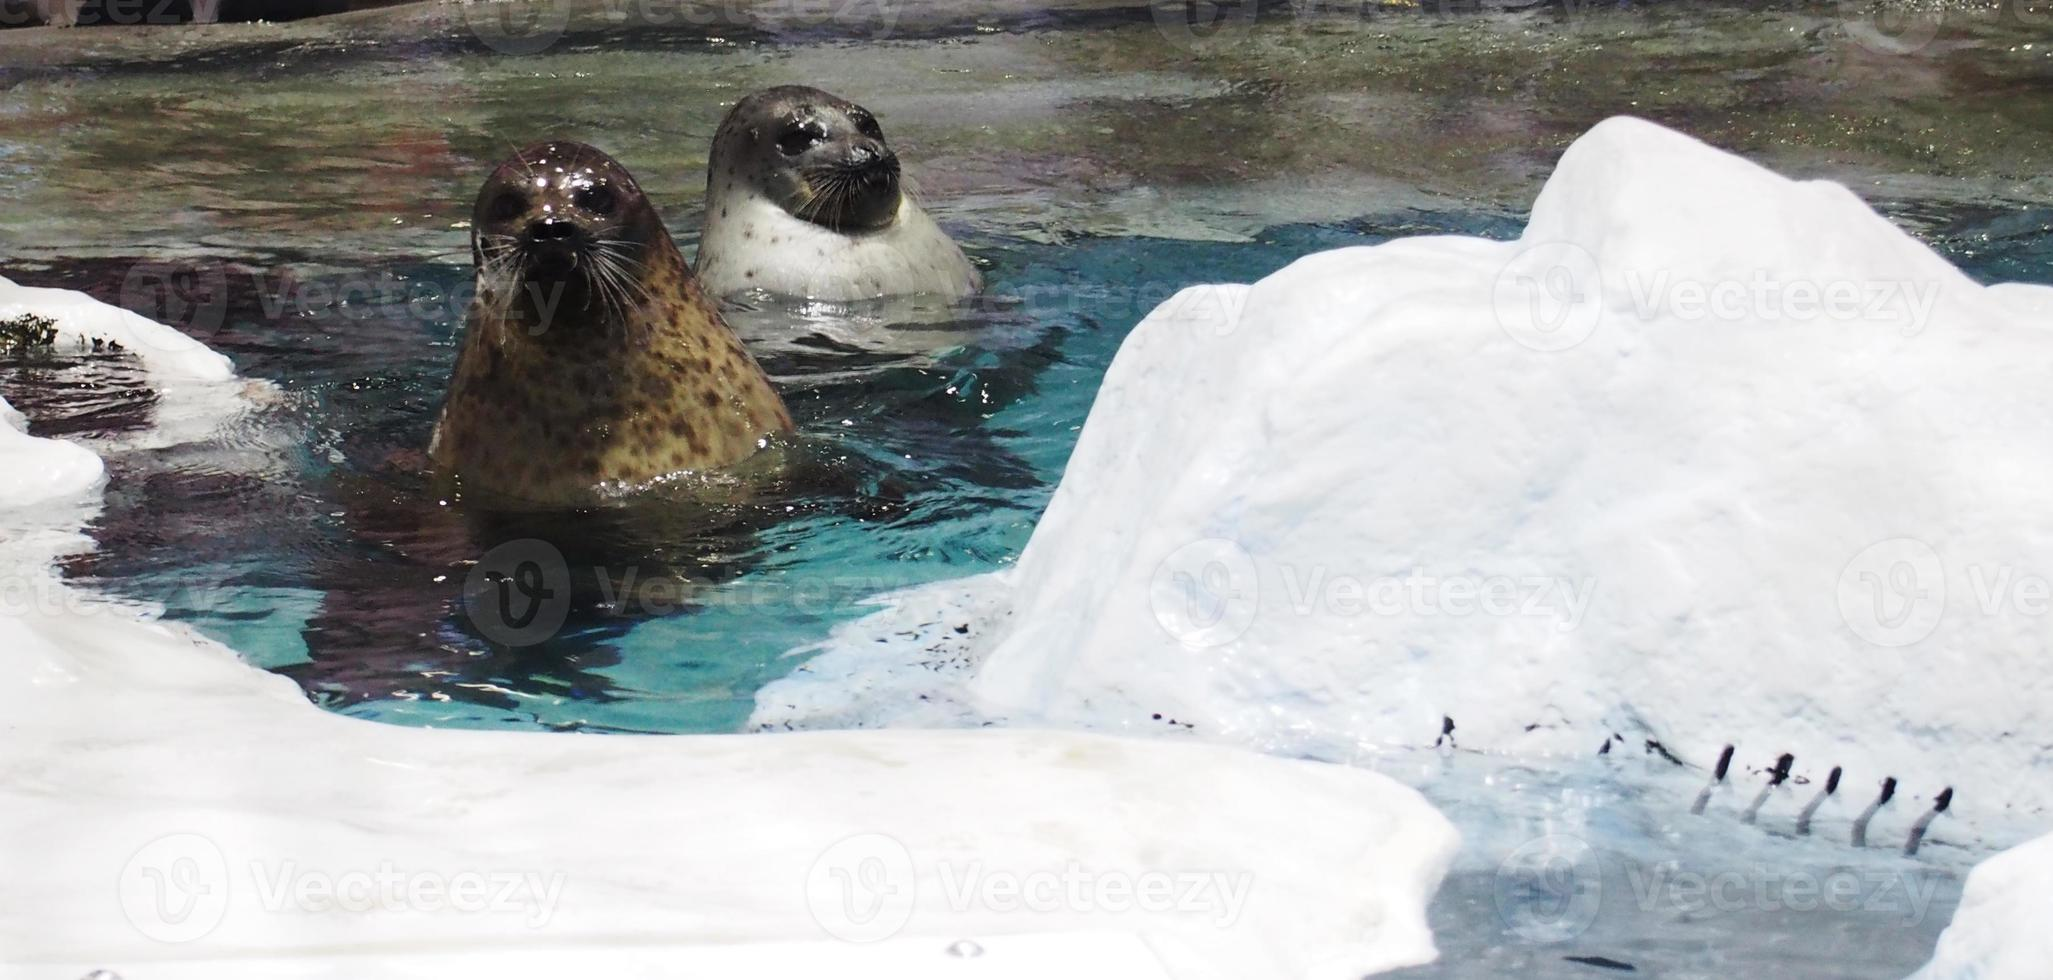 Seals in the aquarium photo